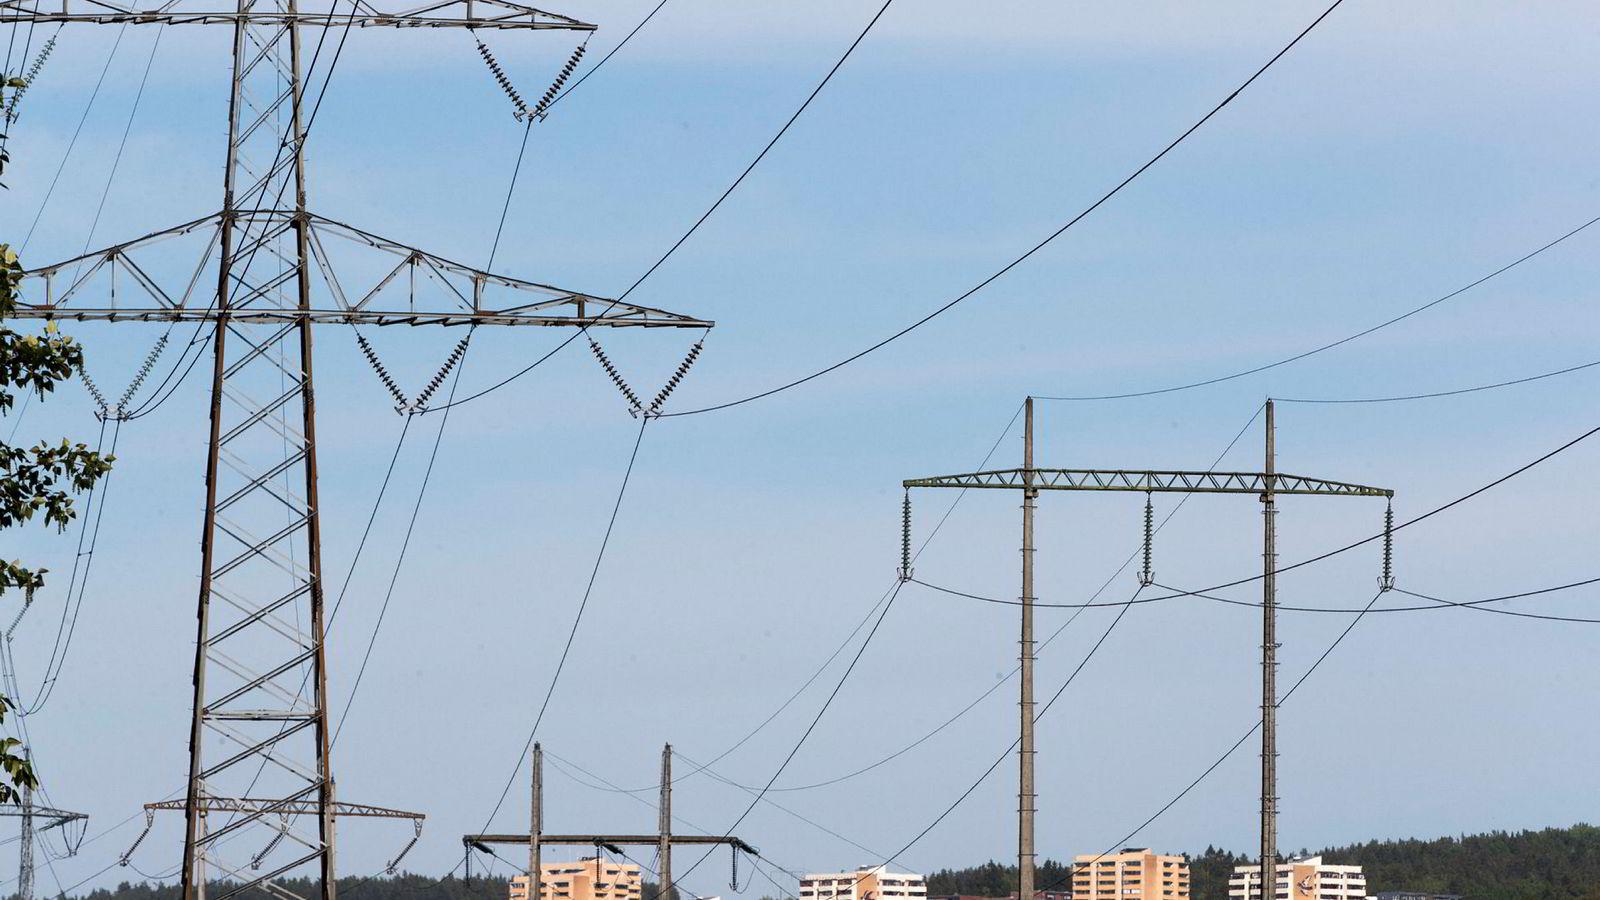 NVE vurderer nye krav for å lettere skille aktørene i kraftmarkedet.